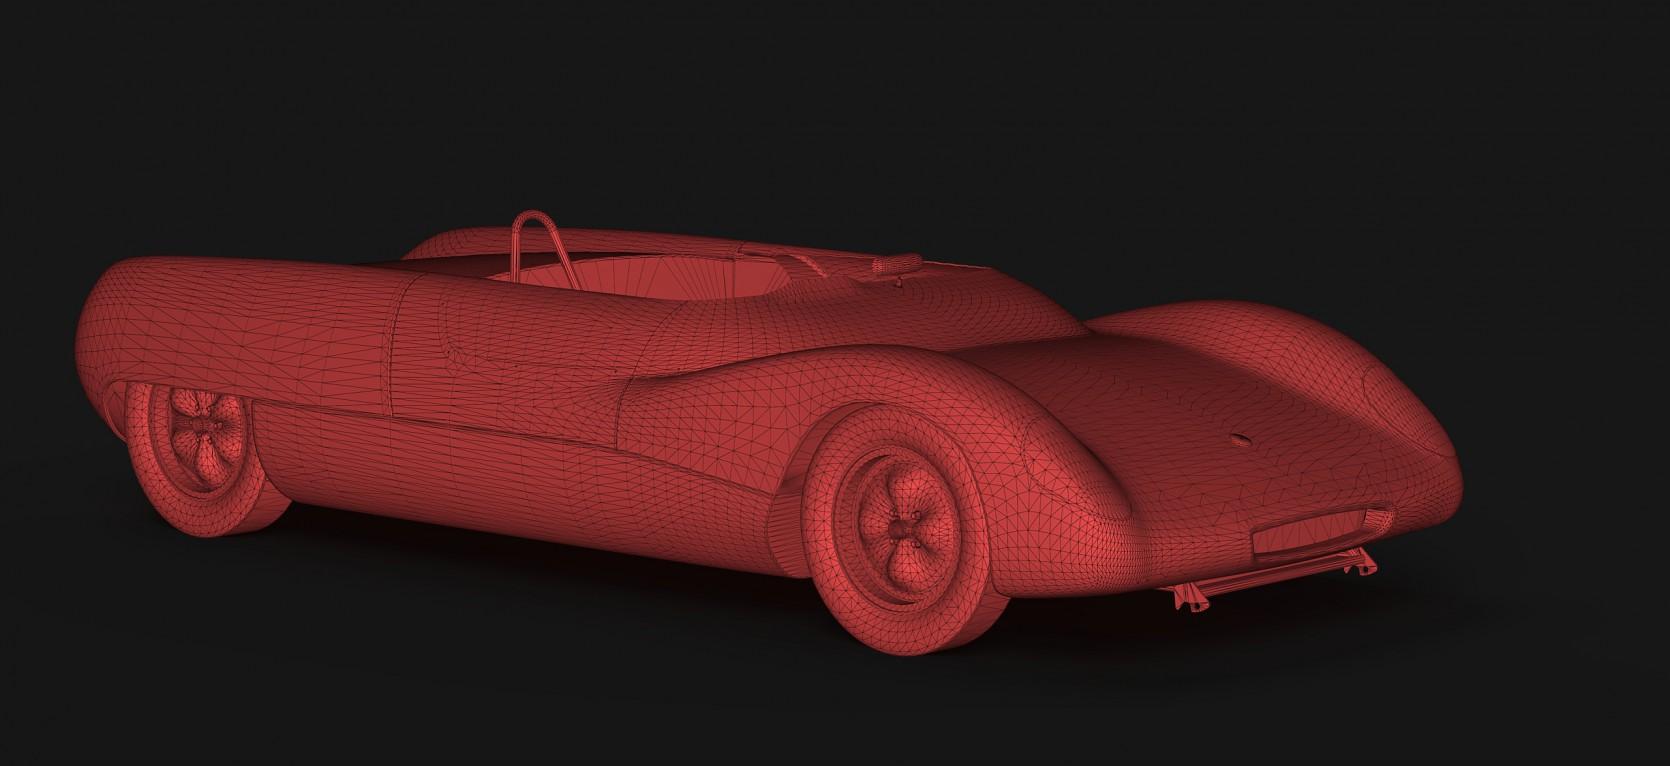 Automobilista 2 Cars 6.